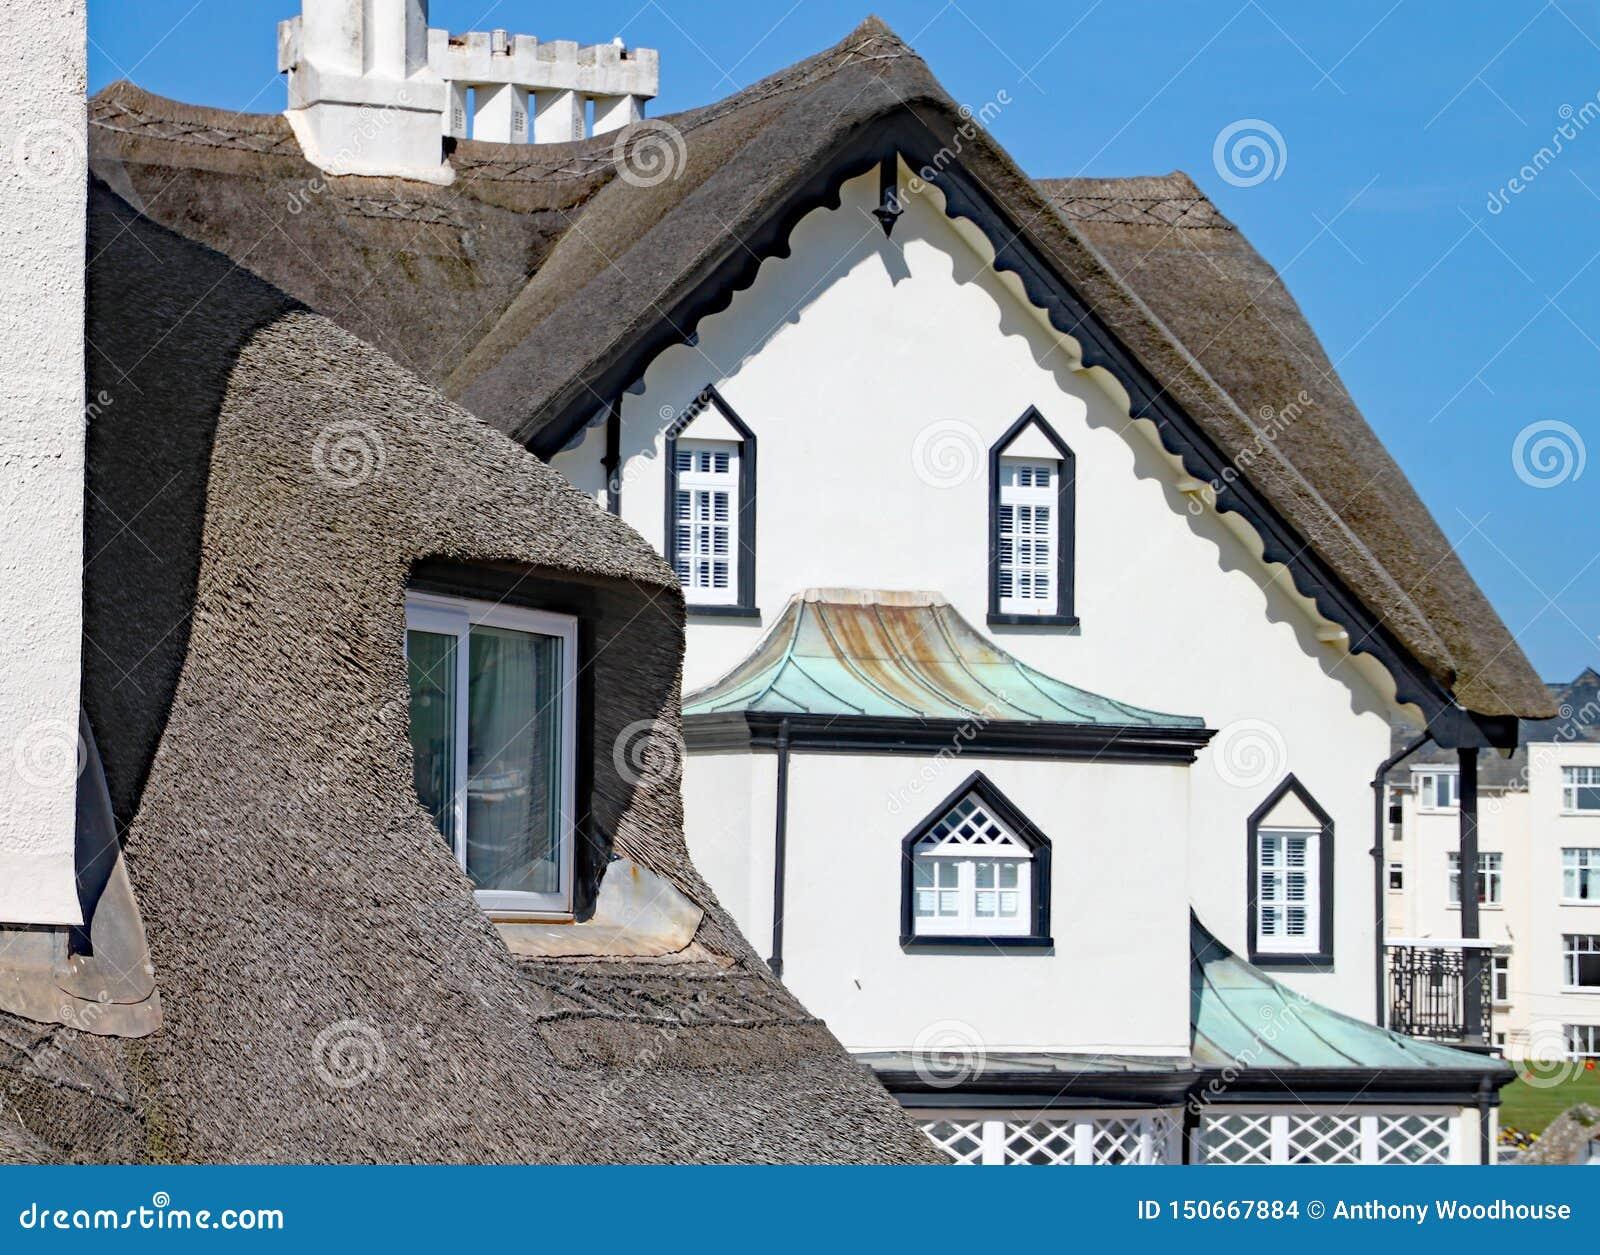 SIDMOUTH, DEVON - 1° APRILE 2012: La bella vecchia residenza ricoperta di paglia sta sulla costa di Sidmouth un giorno soleggiato